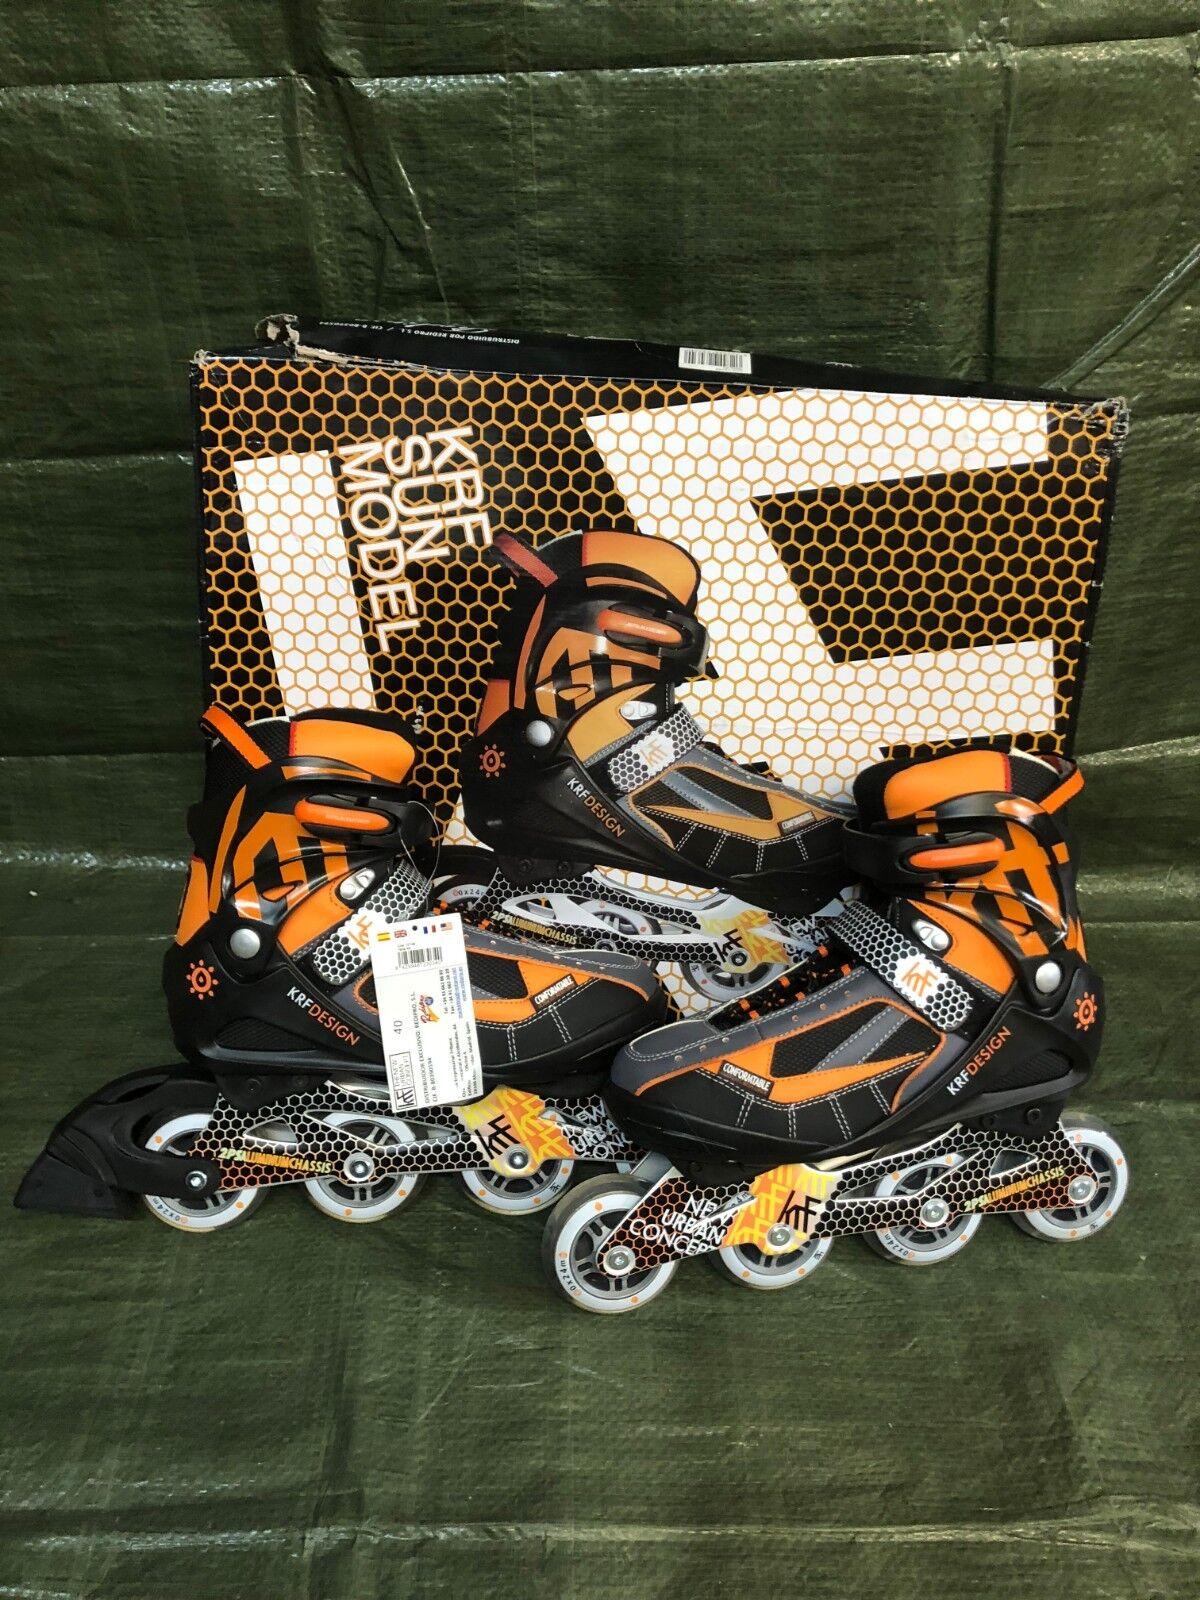 KRF KRF KRF DESIGN Sun Inleiner Inline-Skates Orange schwarz Unisex Gr. 40 NR166 4d1672